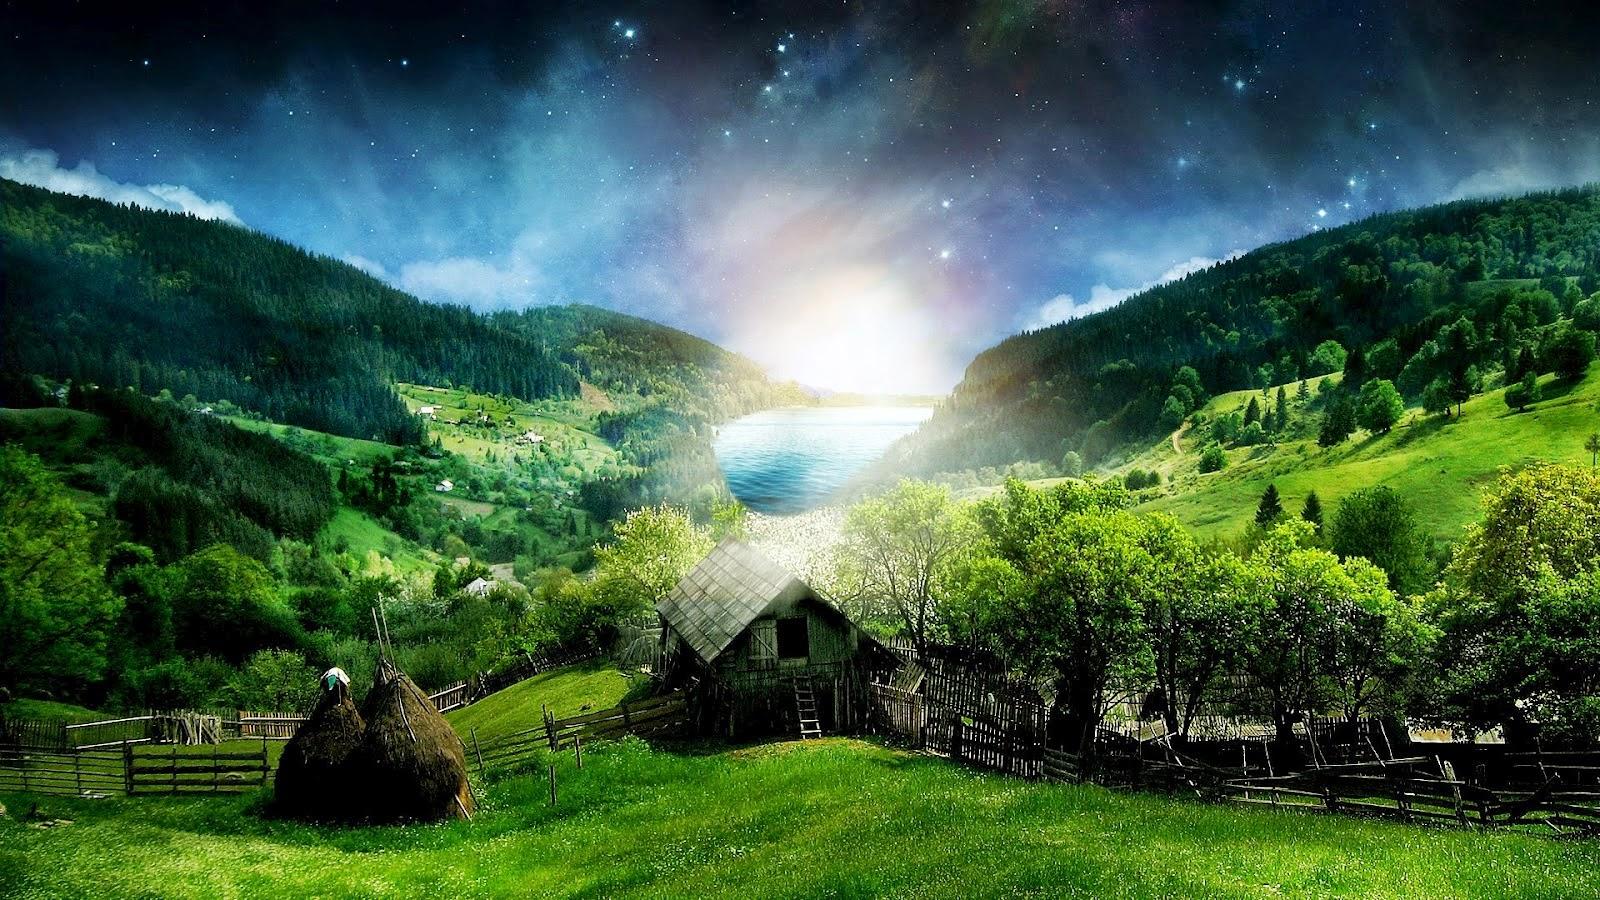 Wallpaper Pemandangan Alam Natural Kualitas HD Untuk Mempercantik